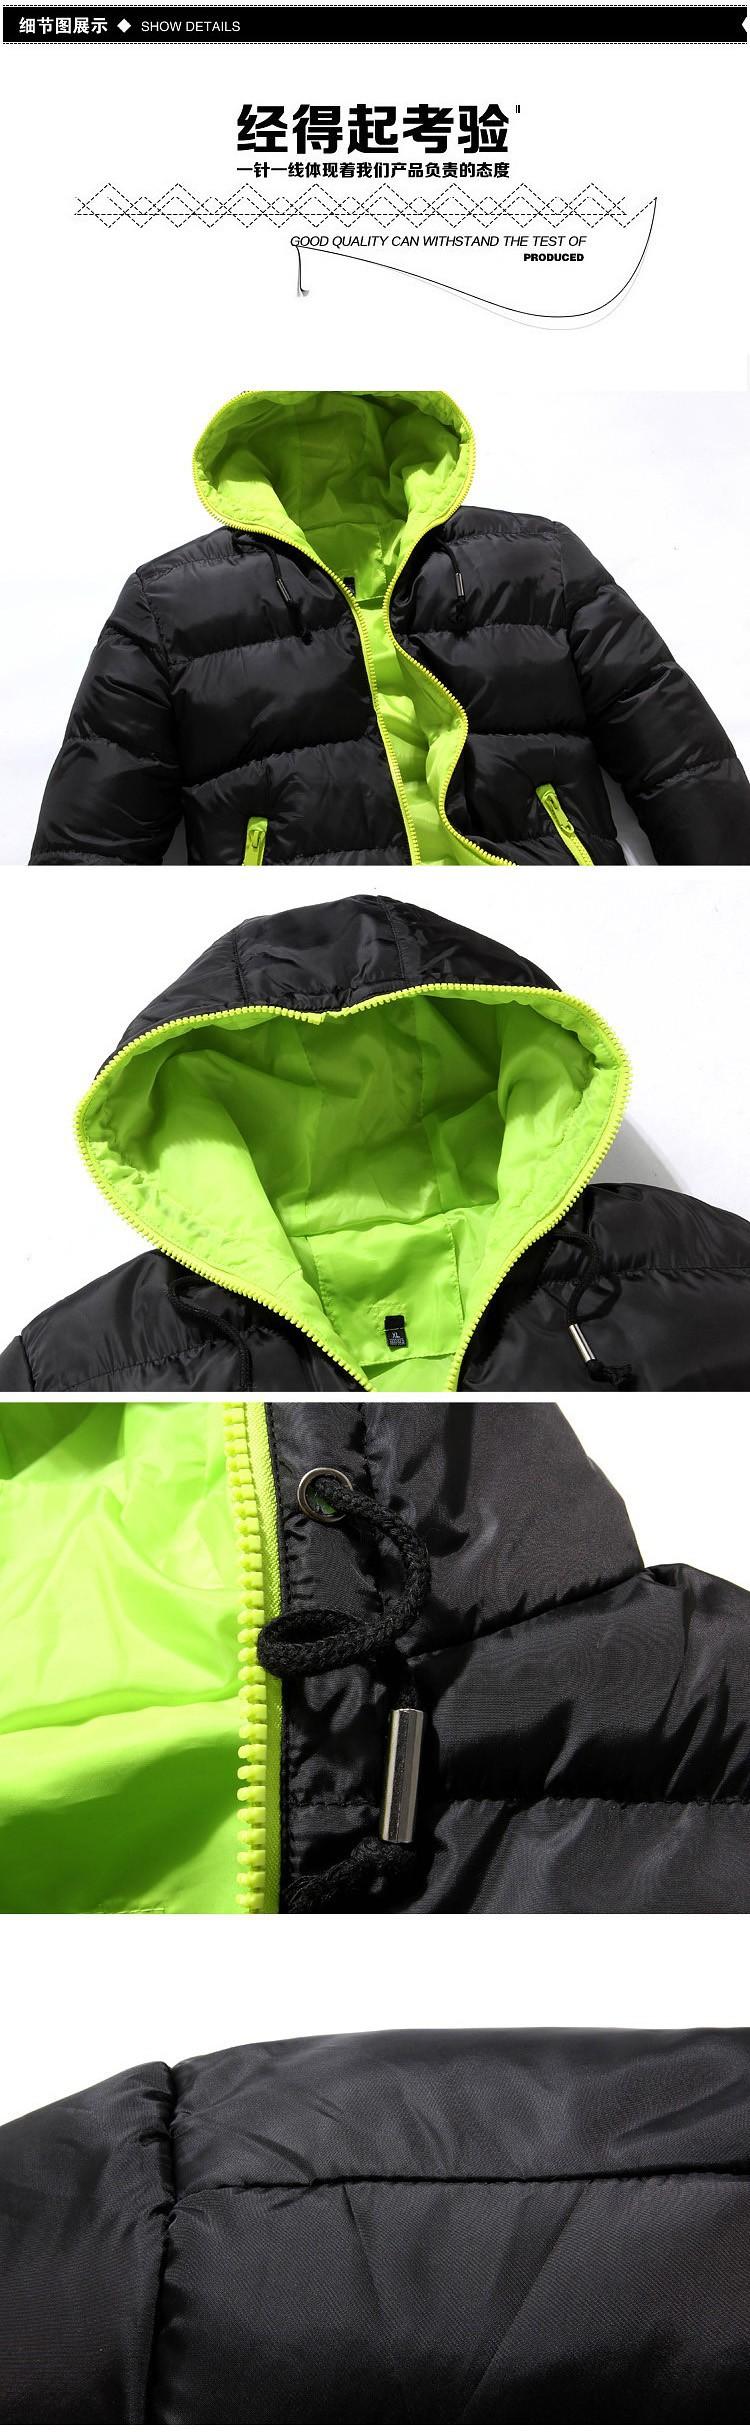 вниз куртка Новая зимняя куртка мужчины толстые теплый с капюшоном 3 цвета вниз куртка куртка размер: m, l, xl, xxl